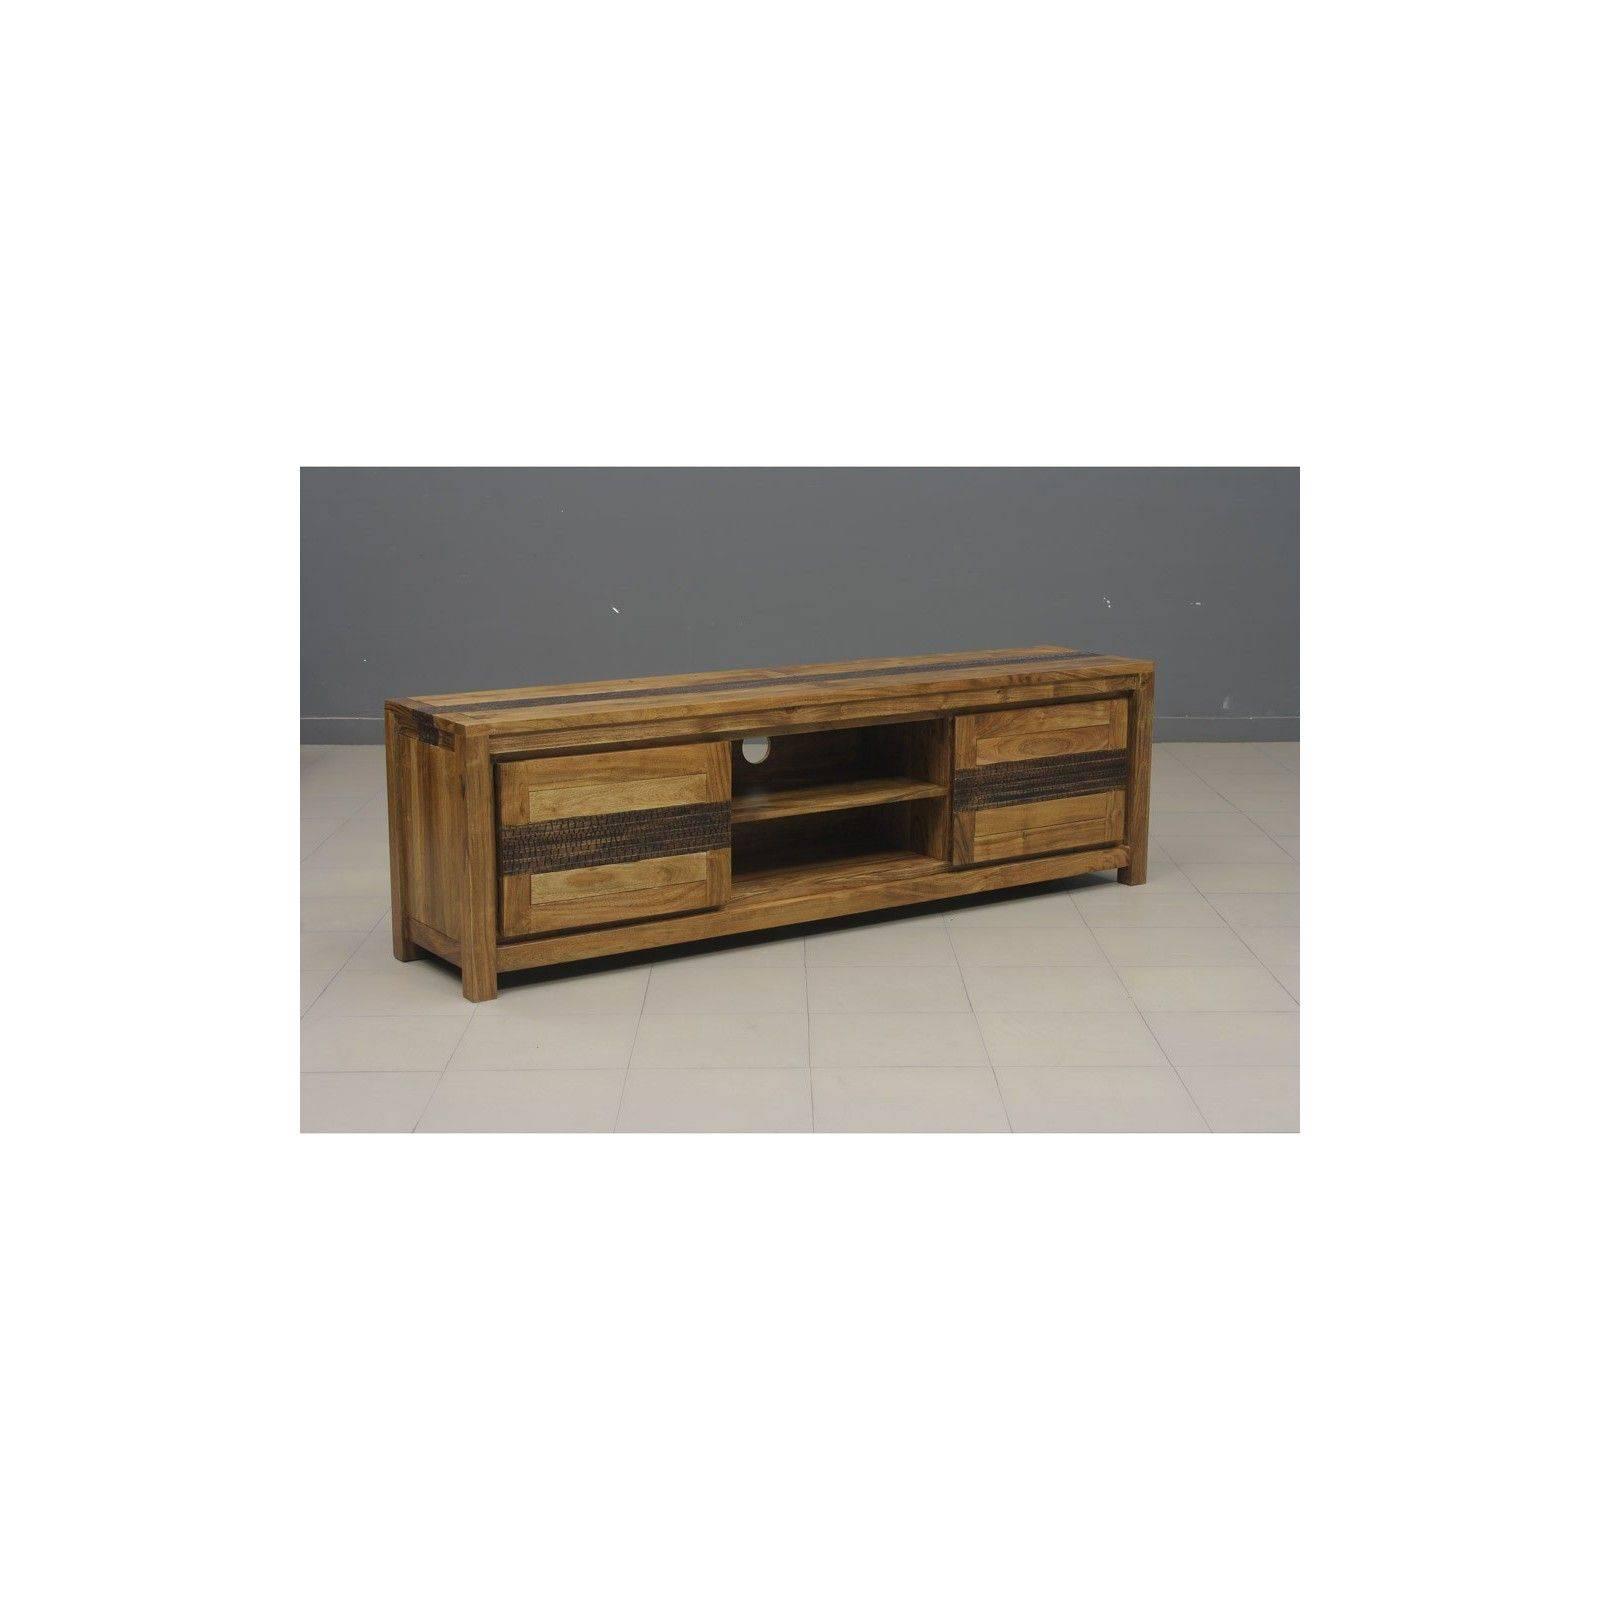 meuble tv tatoo haut de gamme en bois d acacia massif 2 portes et 2 niches